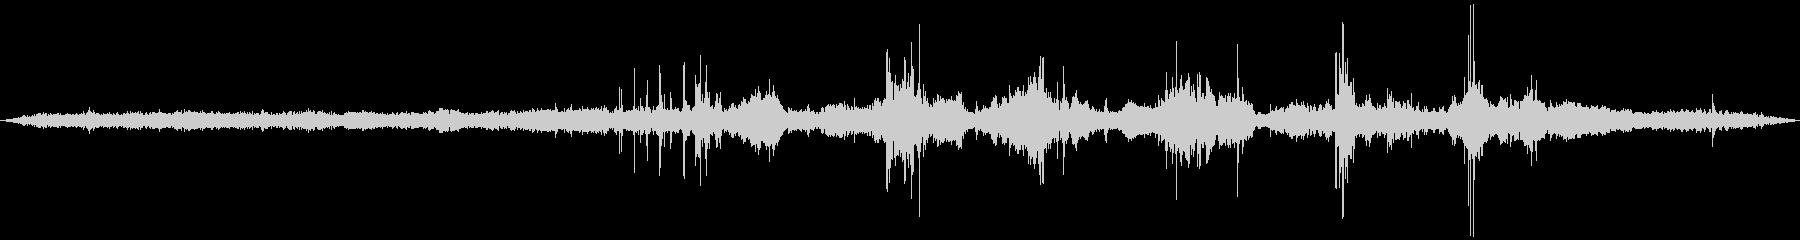 オートレッキングヤード:ロードリフ...の未再生の波形